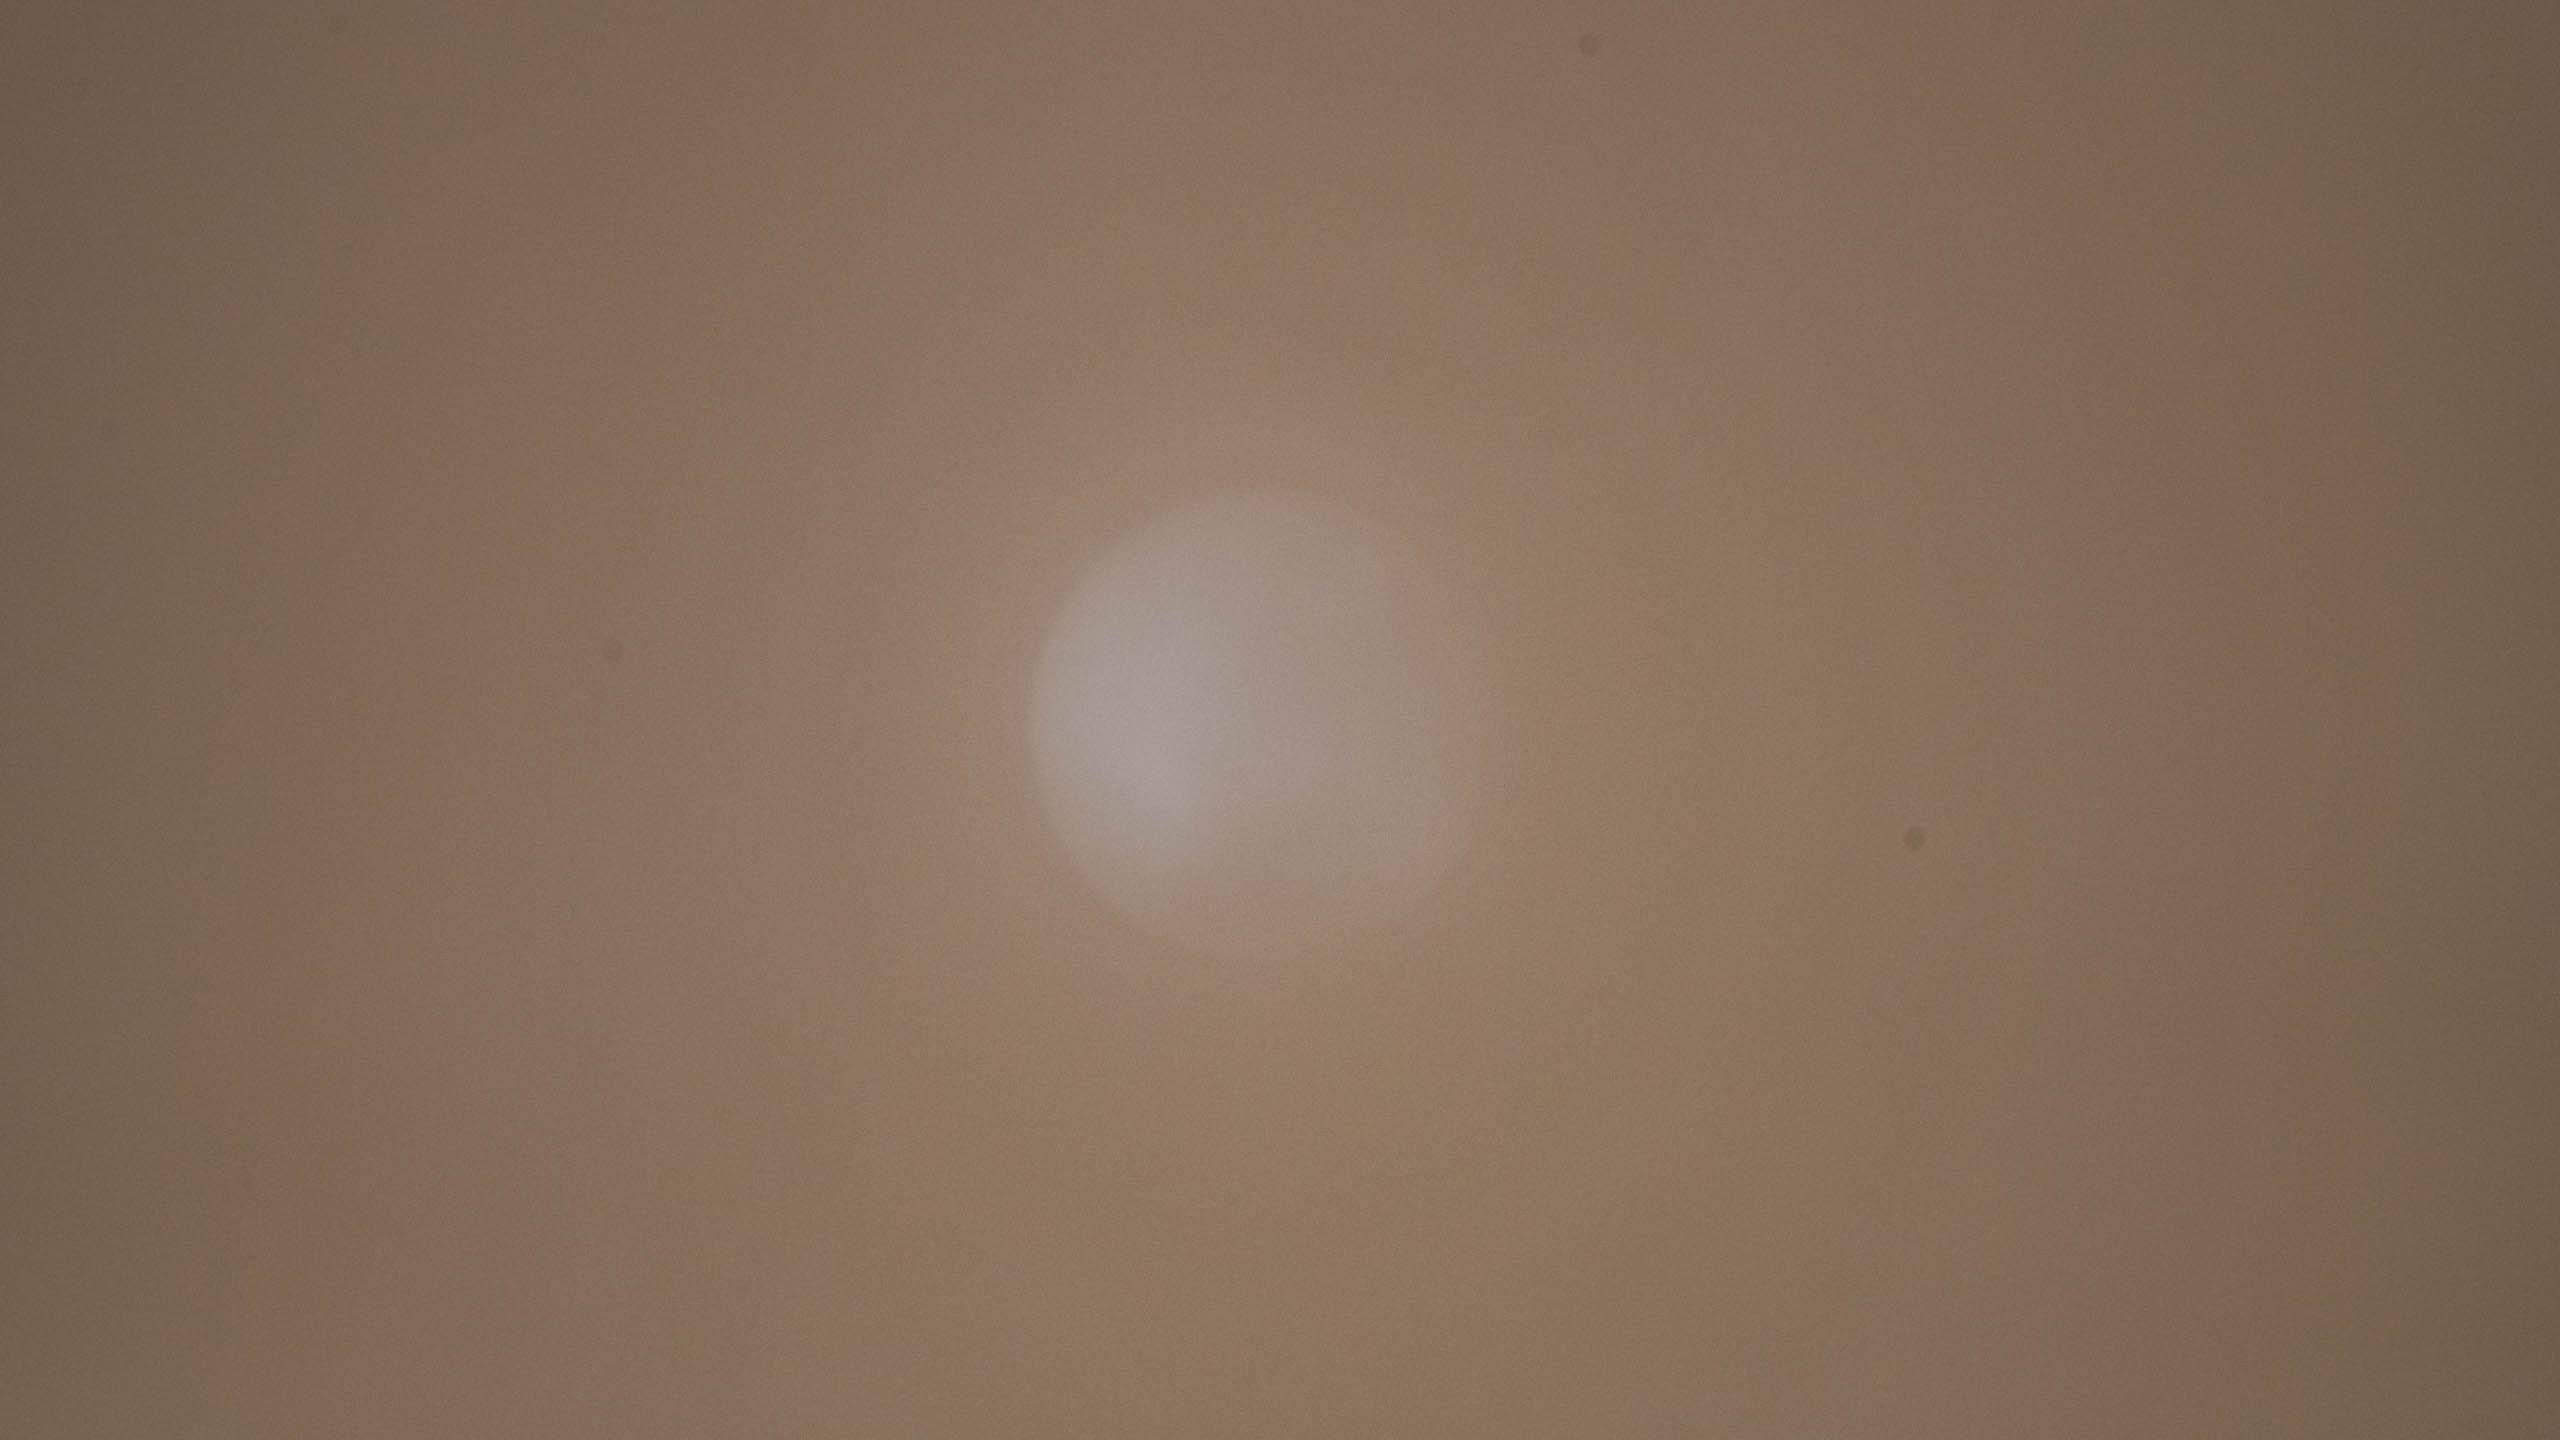 soleil voilé par le sable